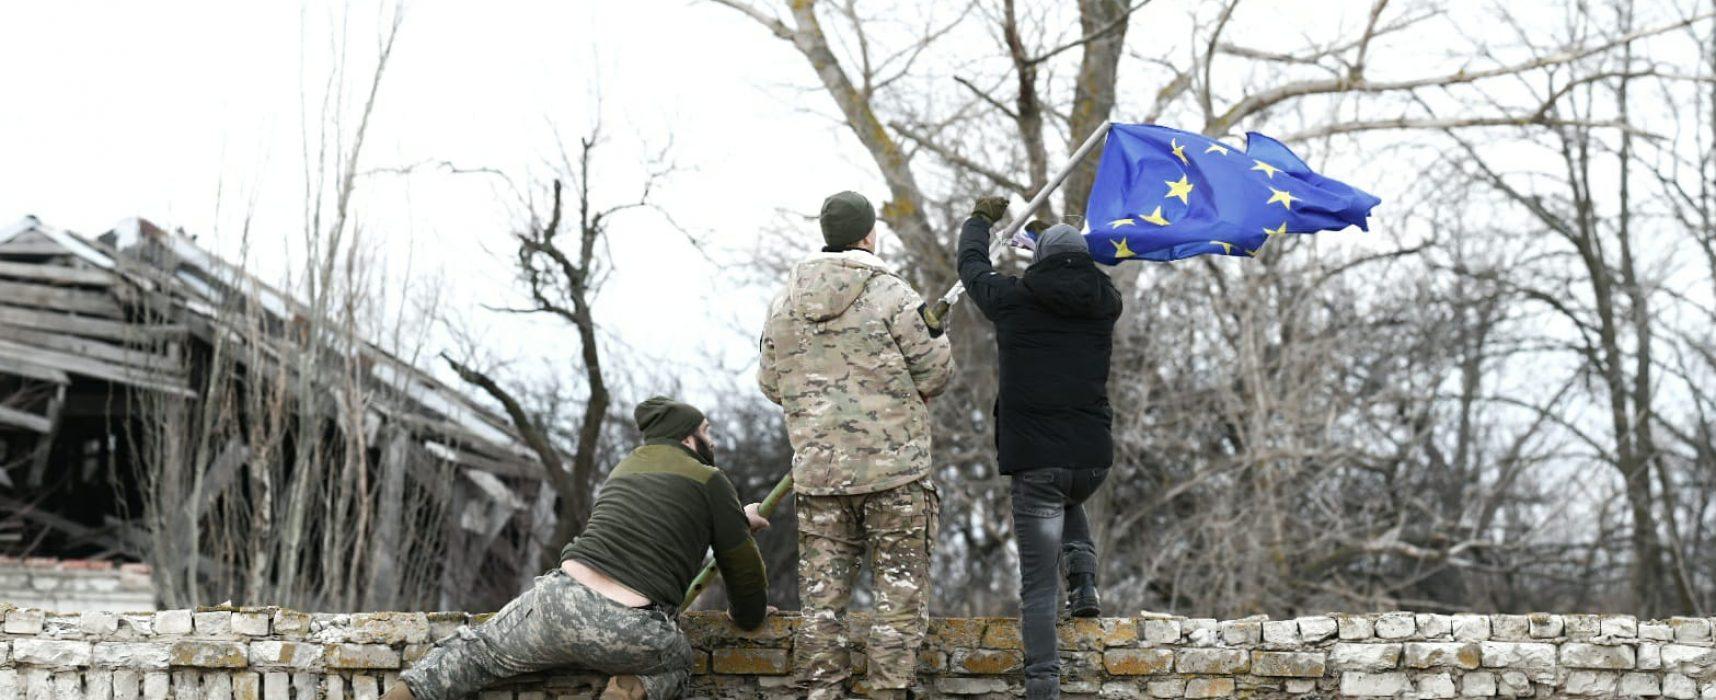 Ucraina: il Natale al fronte dove la pace è il regalo che non arriva mai